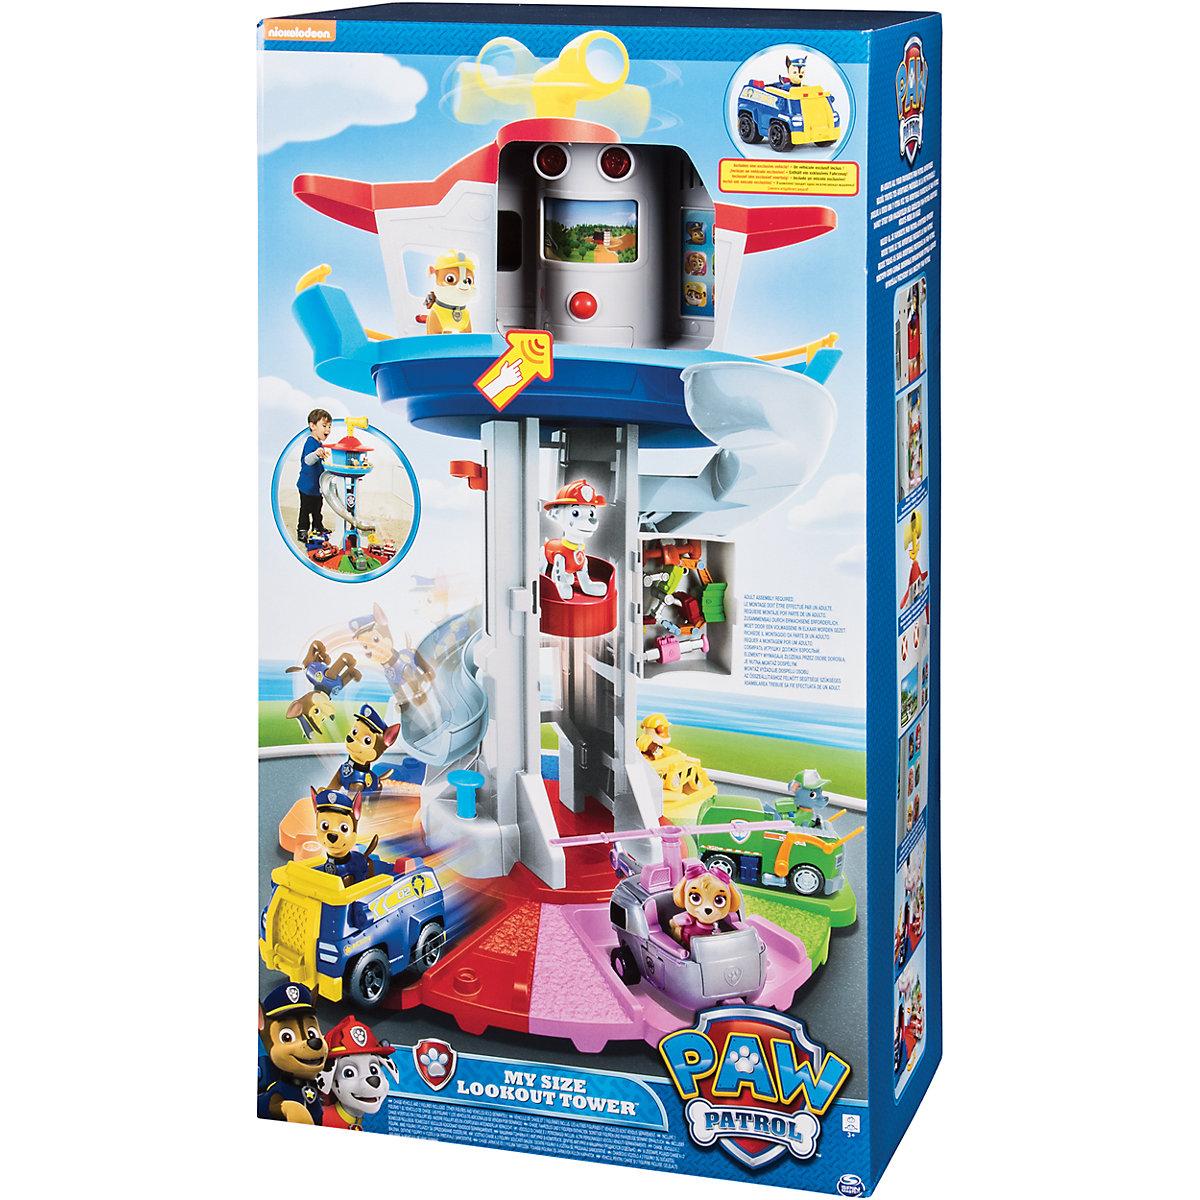 Spin Master Patrol hlídkovací věž XXL 80cm